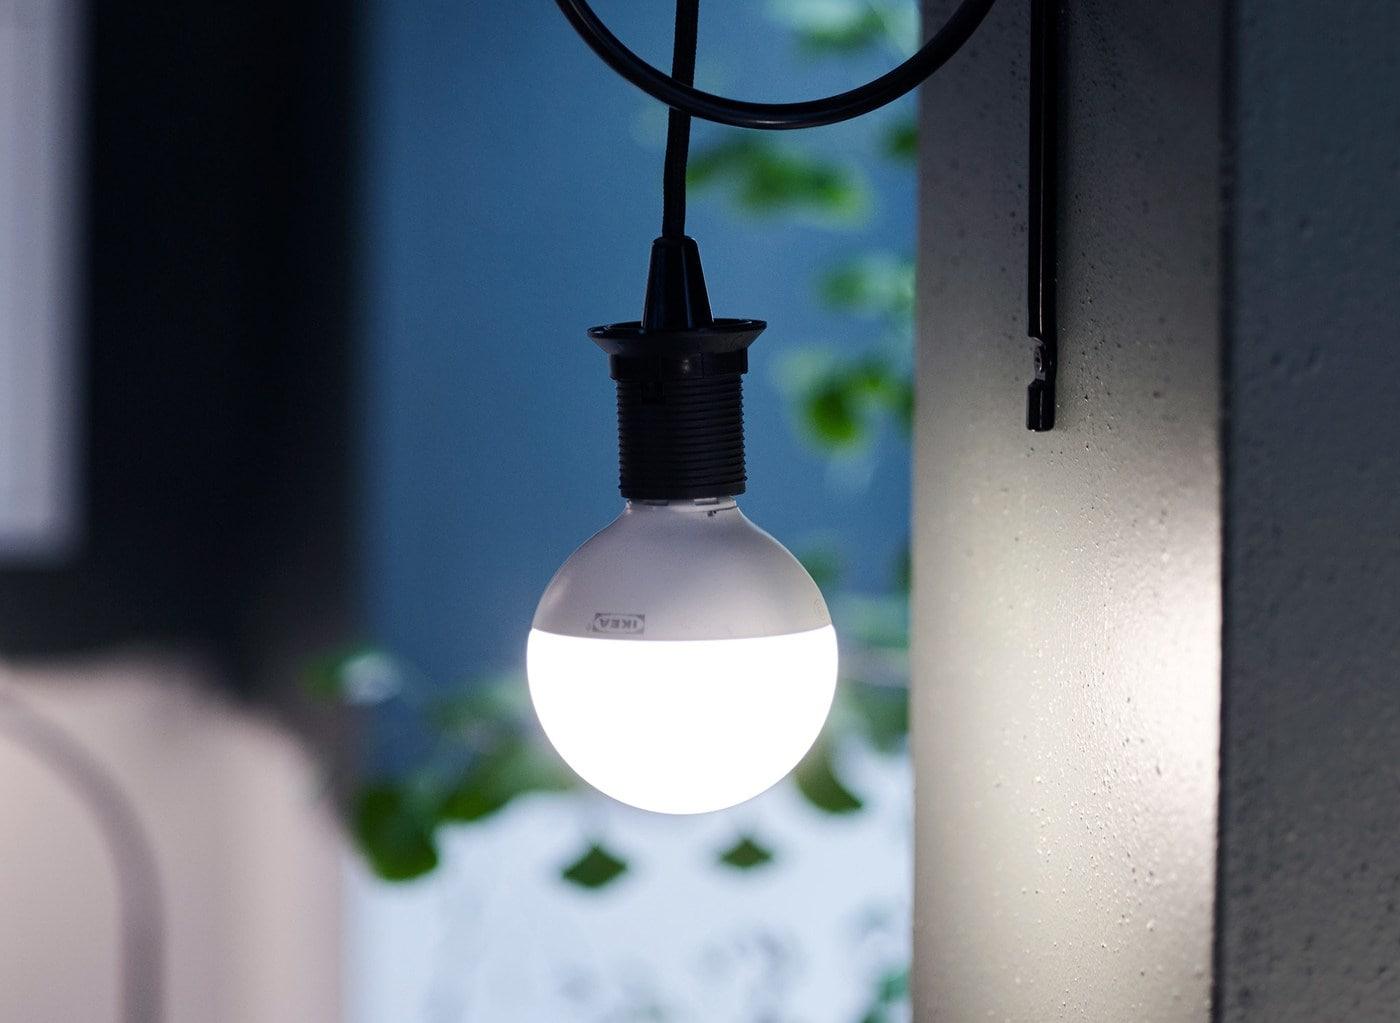 Ronde ledlamp hangt aan een zwart snoer met een donkerblauwe wand op de achtergrond